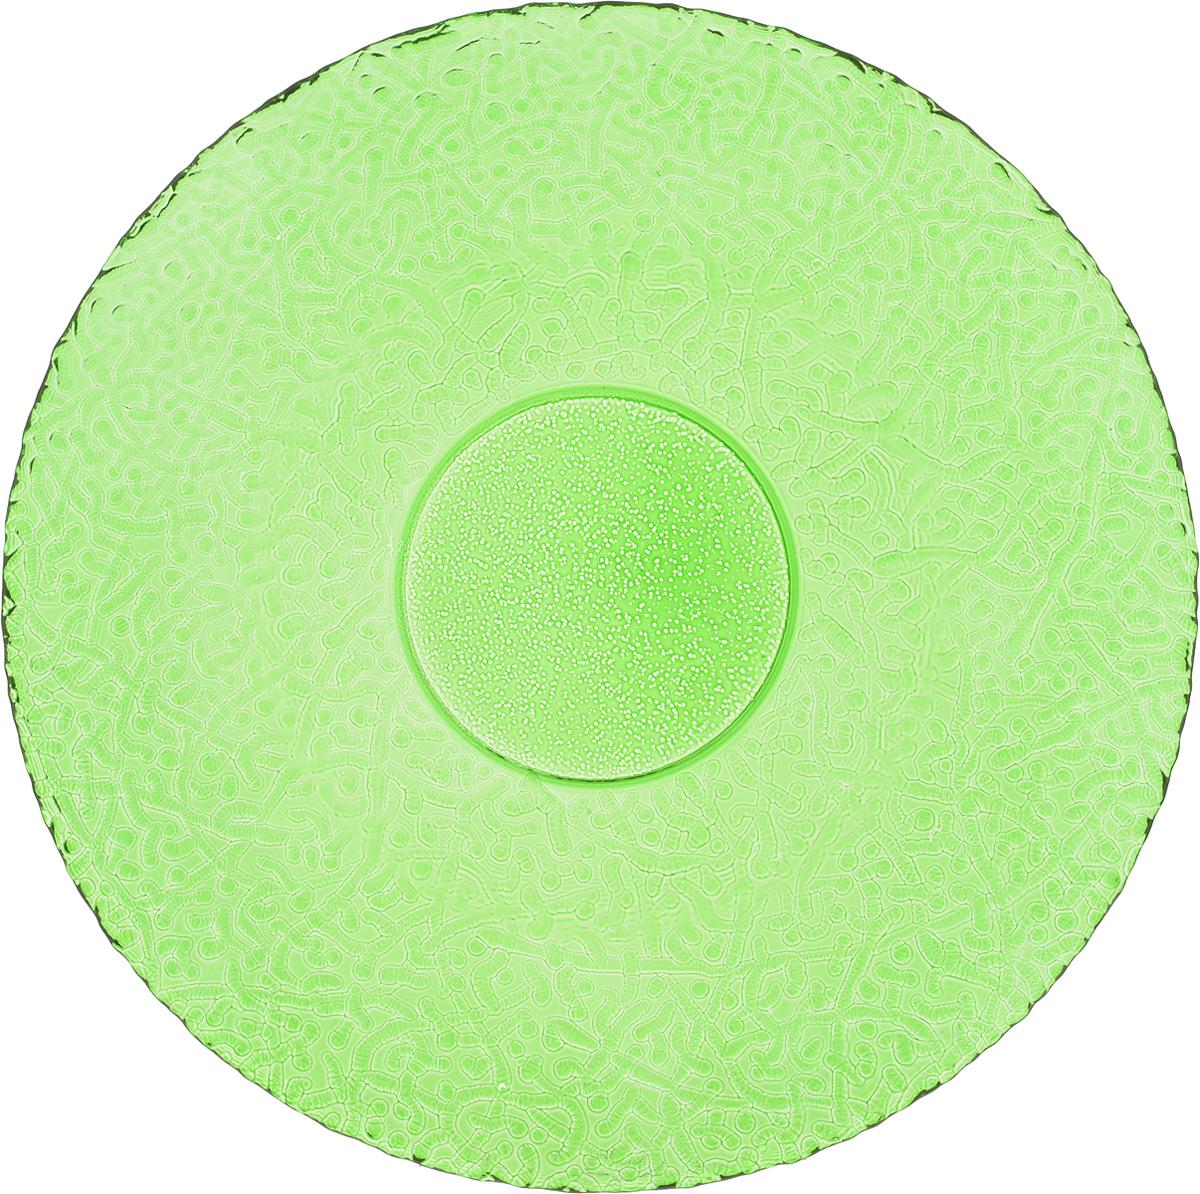 Тарелка NiNaGlass Ажур, цвет: зеленый, диаметр 26 см83-071-Ф260 ЗЕЛТарелка NiNaGlass Ажур выполнена из высококачественного стекла и имеет рельефную внешнюю поверхность. Она прекрасно впишется в интерьер вашей кухни и станет достойным дополнением к кухонному инвентарю. Тарелка NiNaGlass Ажур подчеркнет прекрасный вкус хозяйки и станет отличным подарком.Диаметр тарелки: 26 см.Высота: 3 см.